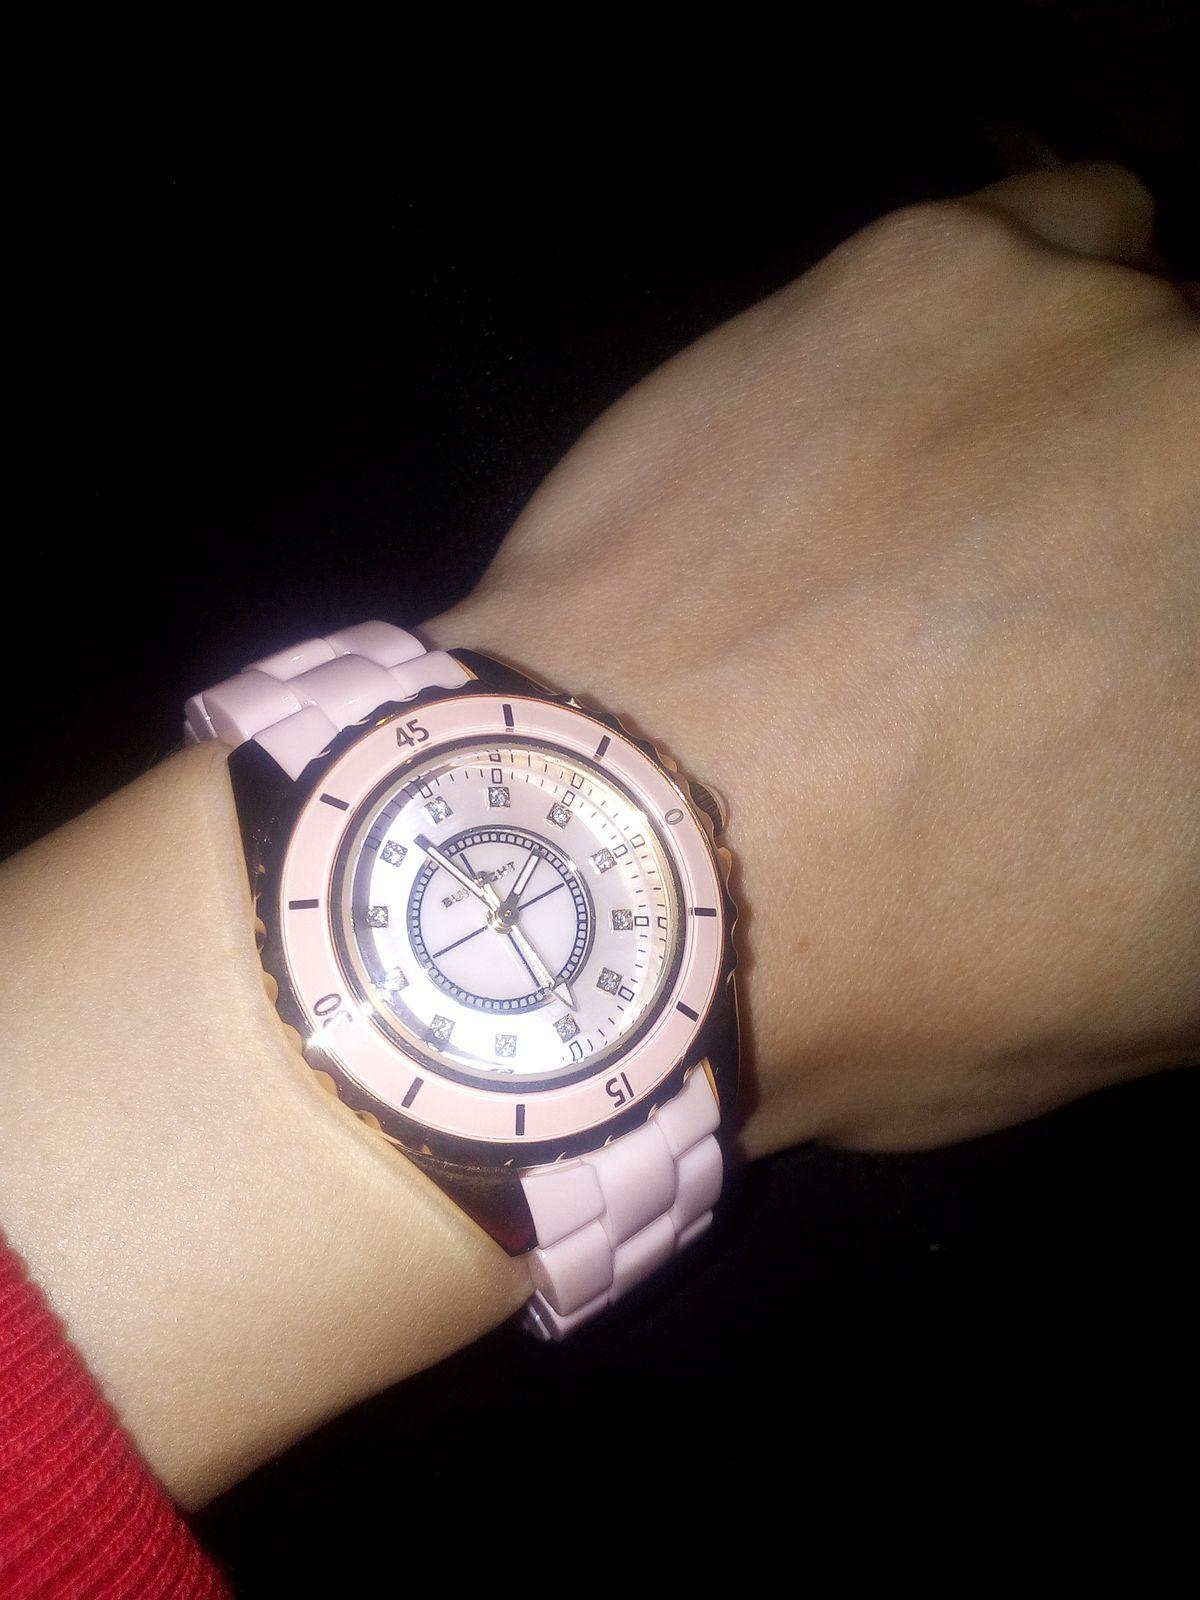 Керамические часы,шикарное исполнение циферблата